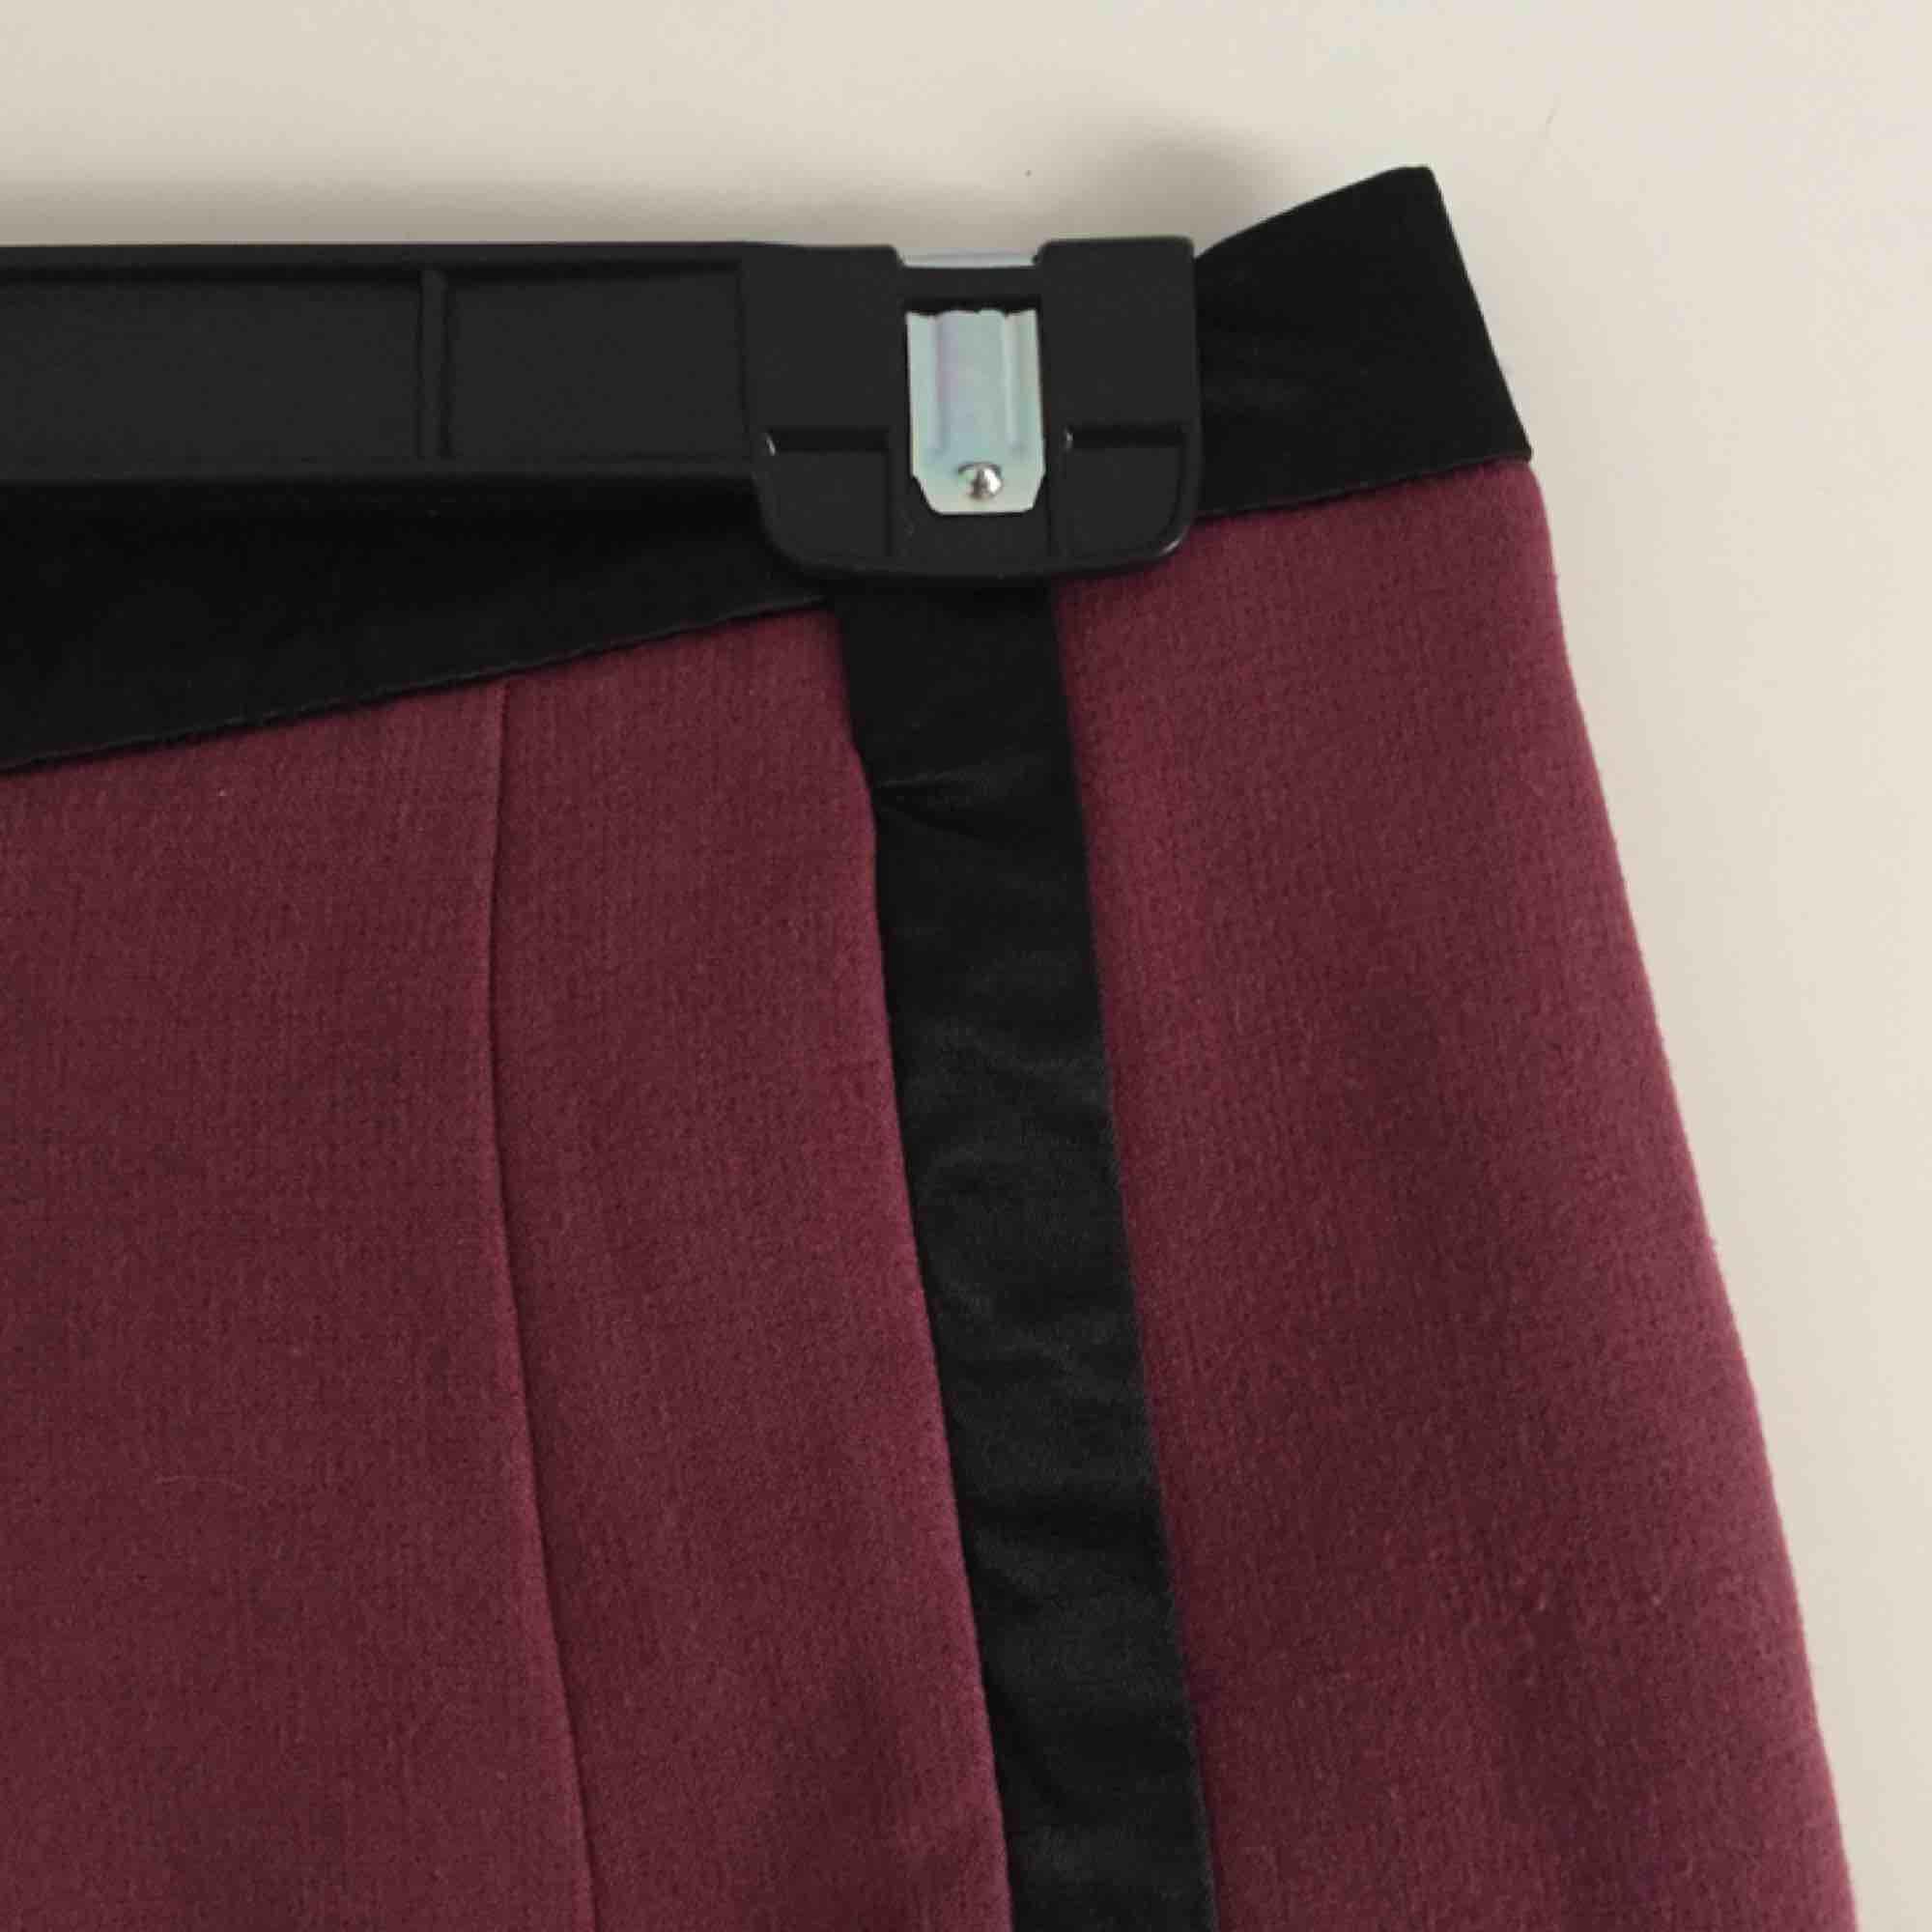 Köpta på secondhand och tror förra ägaren har sytt upp dem. Från H&M. Storlekslappen är bortklippt men gissar på att de är en 38a/M. Välanvända, därav priset. 📬 Frakt: 55 kr blå påse eller 63 kr spårbart . Shorts.